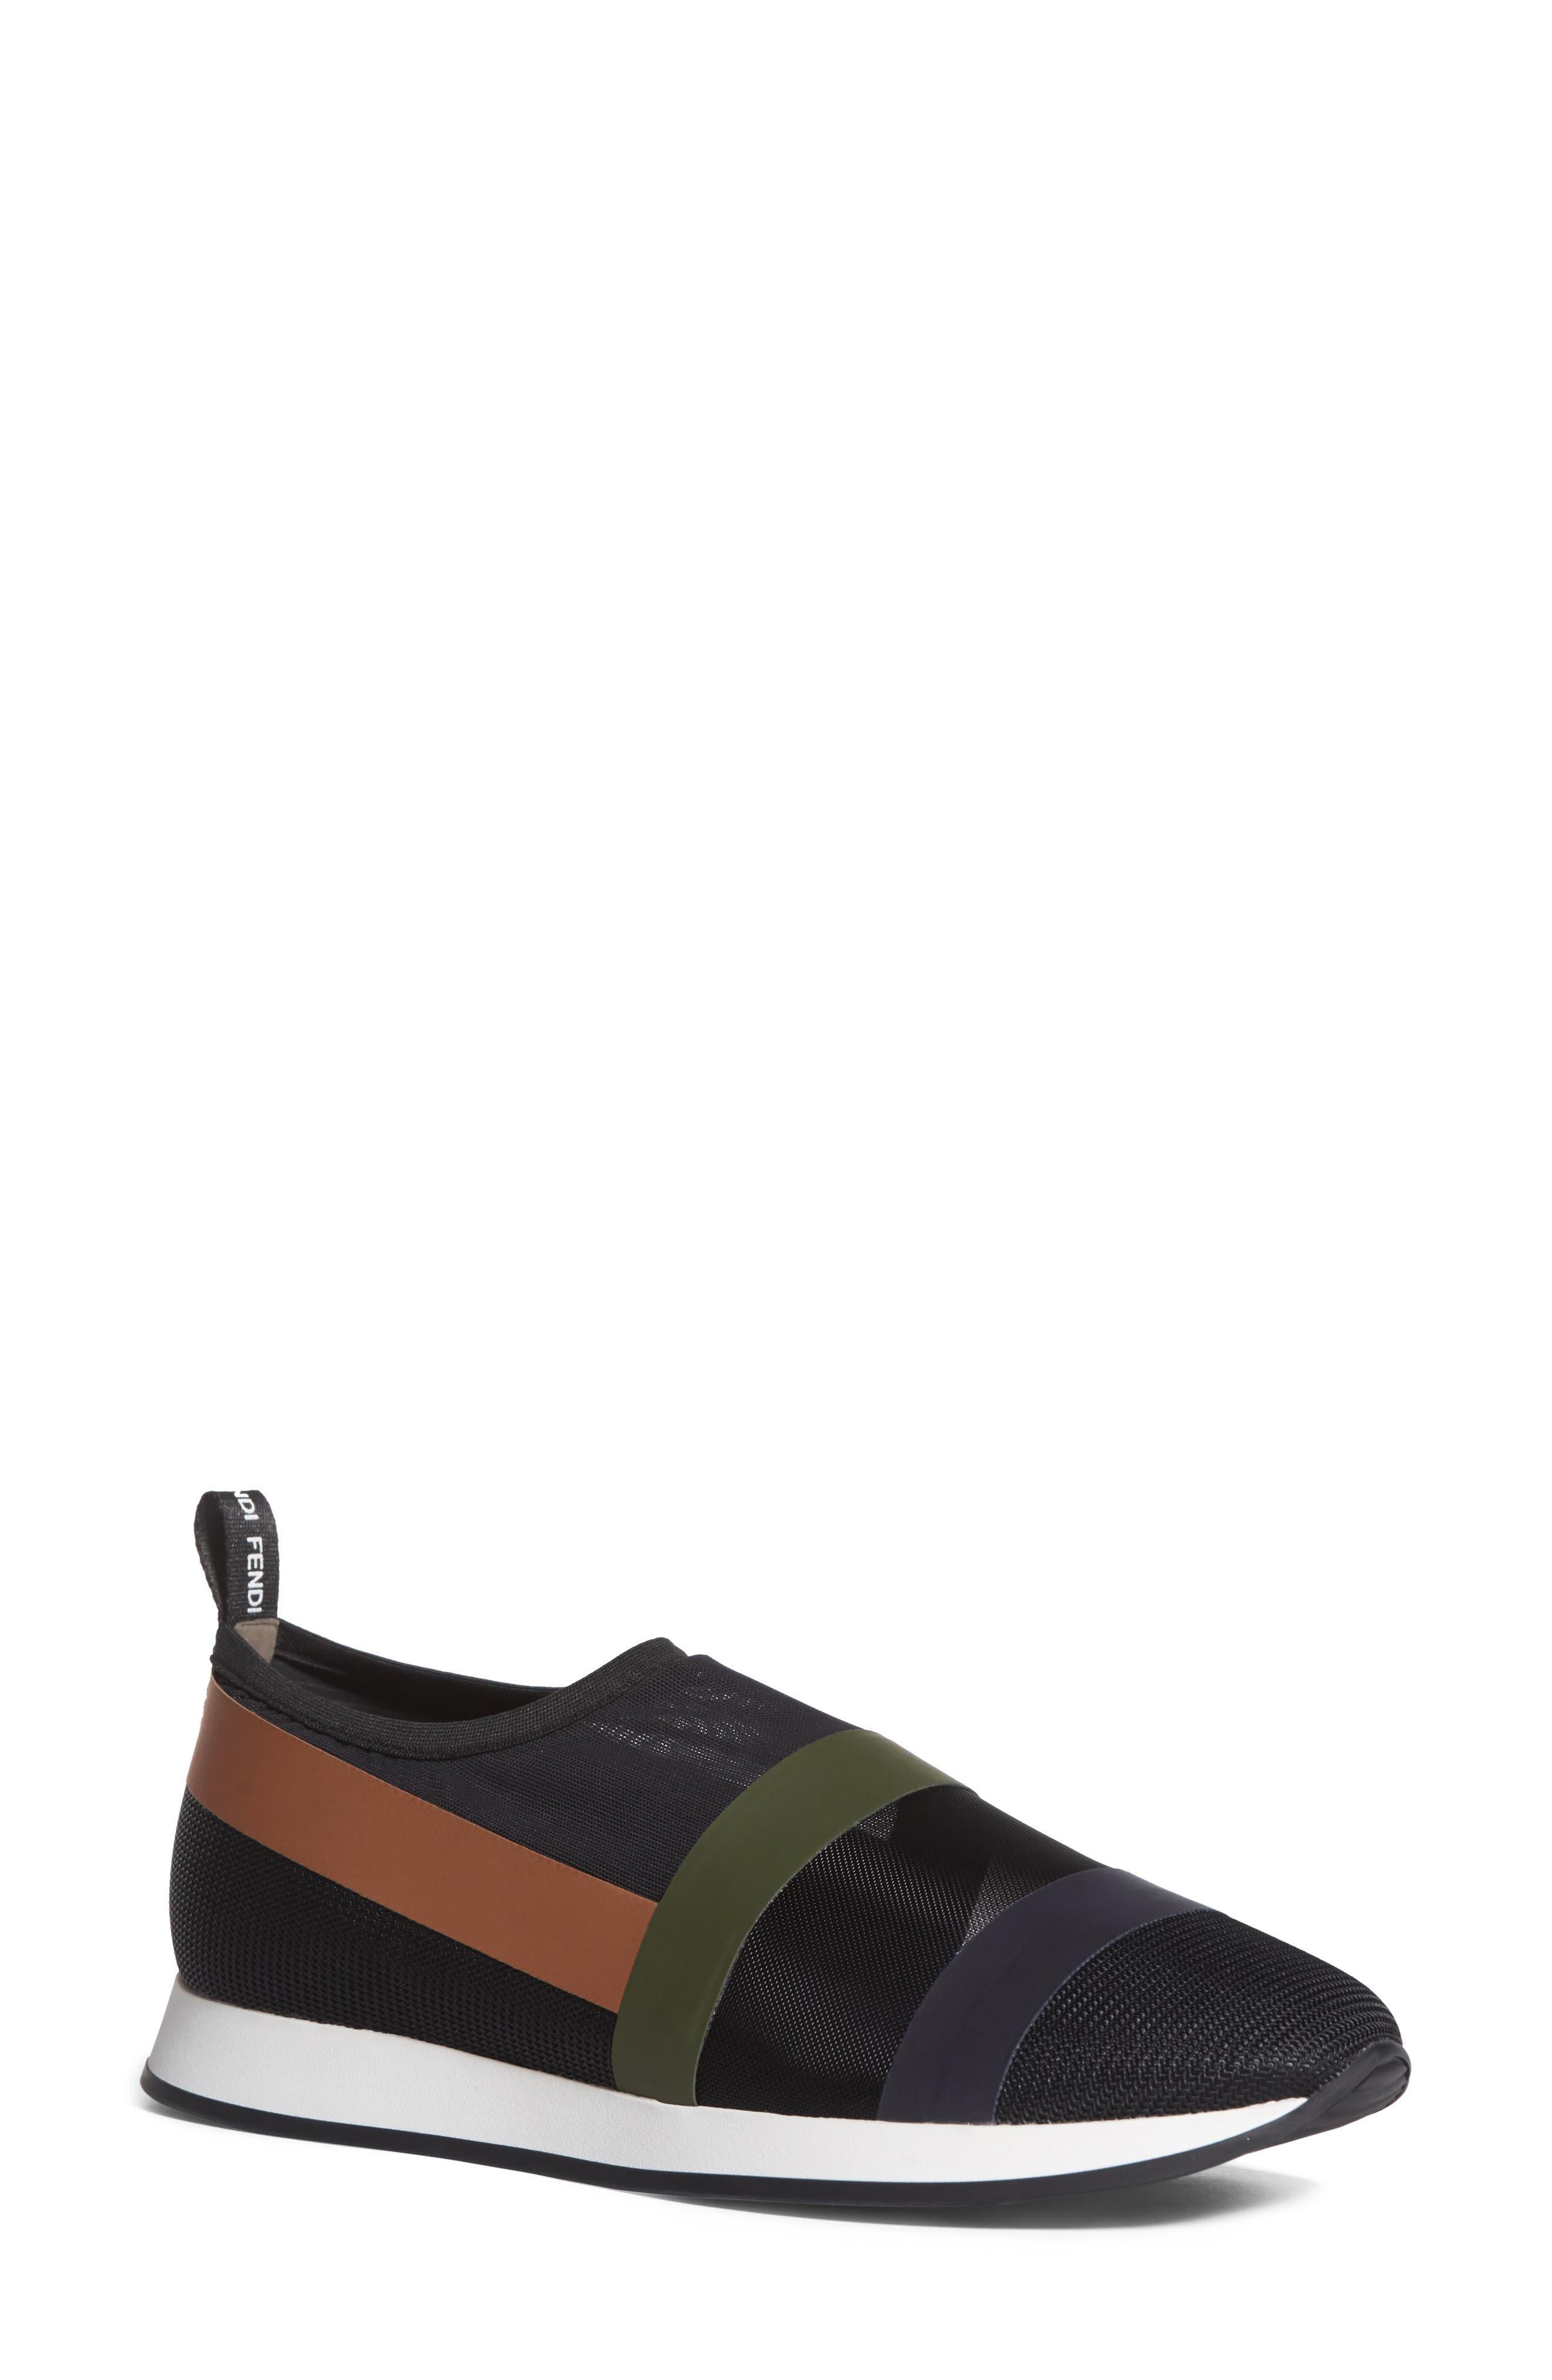 Slip-On Sneaker,                             Main thumbnail 1, color,                             Black/ Beige